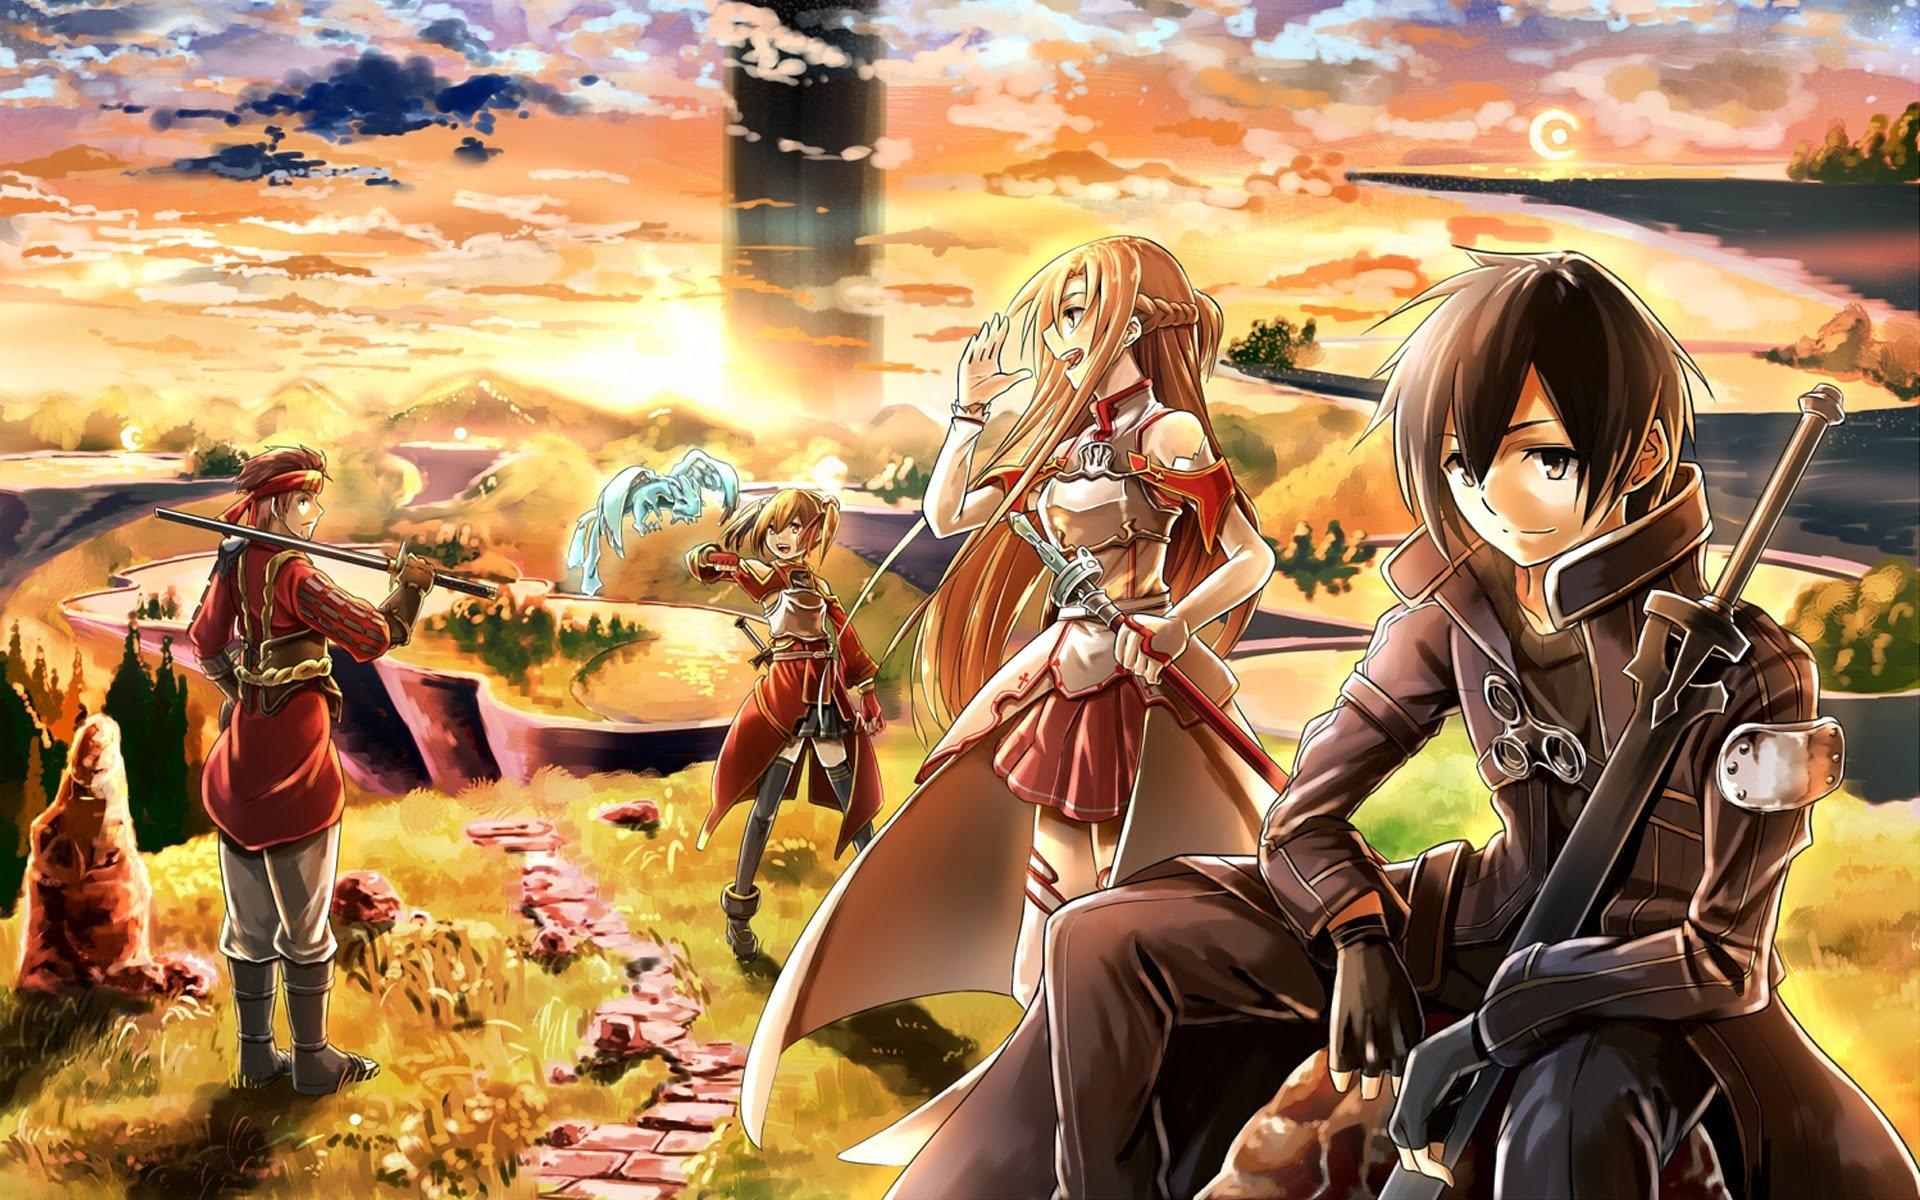 Sword Art Online Hd